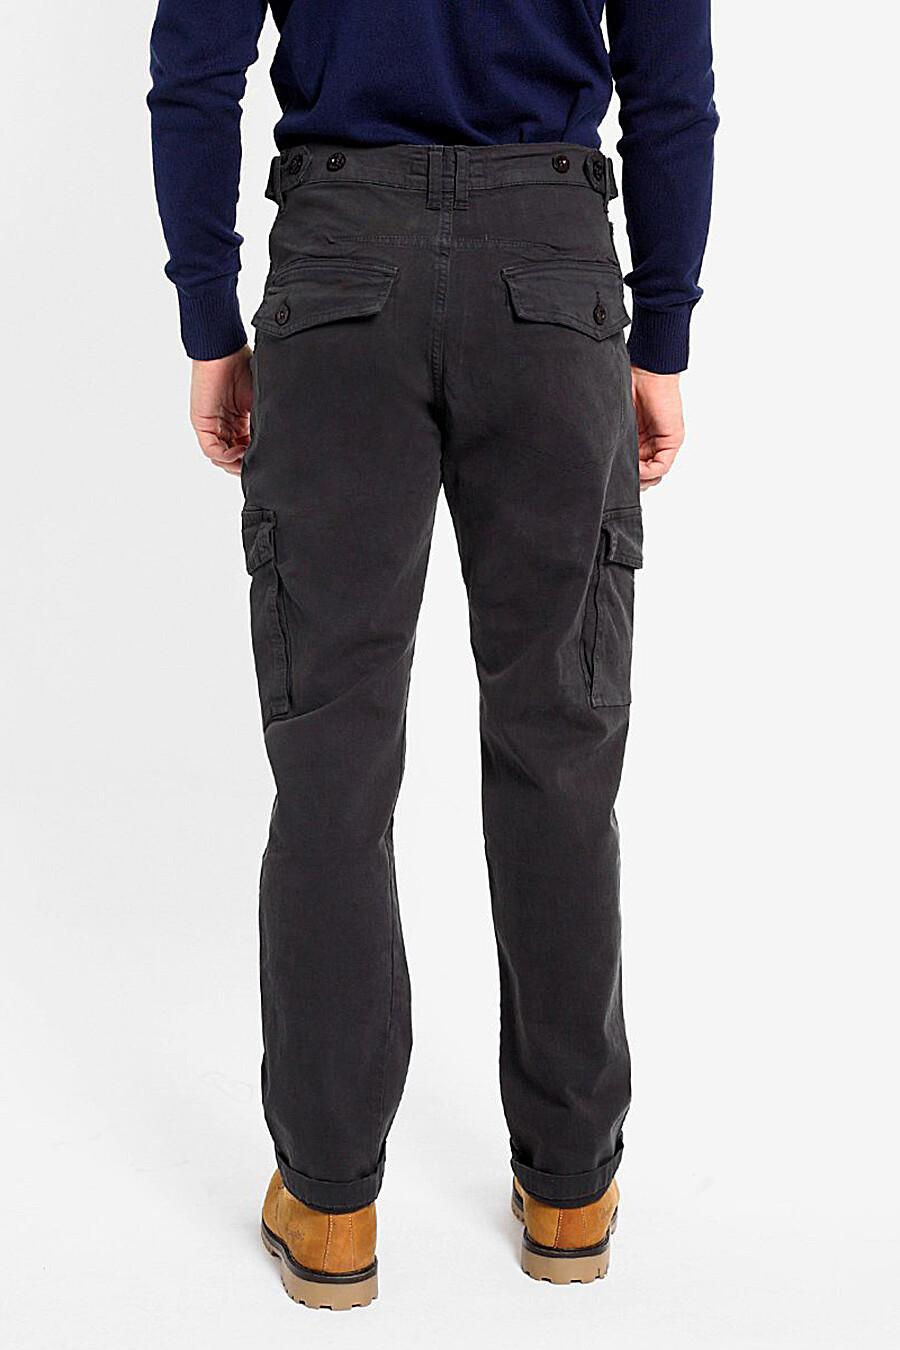 Брюки для мужчин F5 161322 купить оптом от производителя. Совместная покупка мужской одежды в OptMoyo